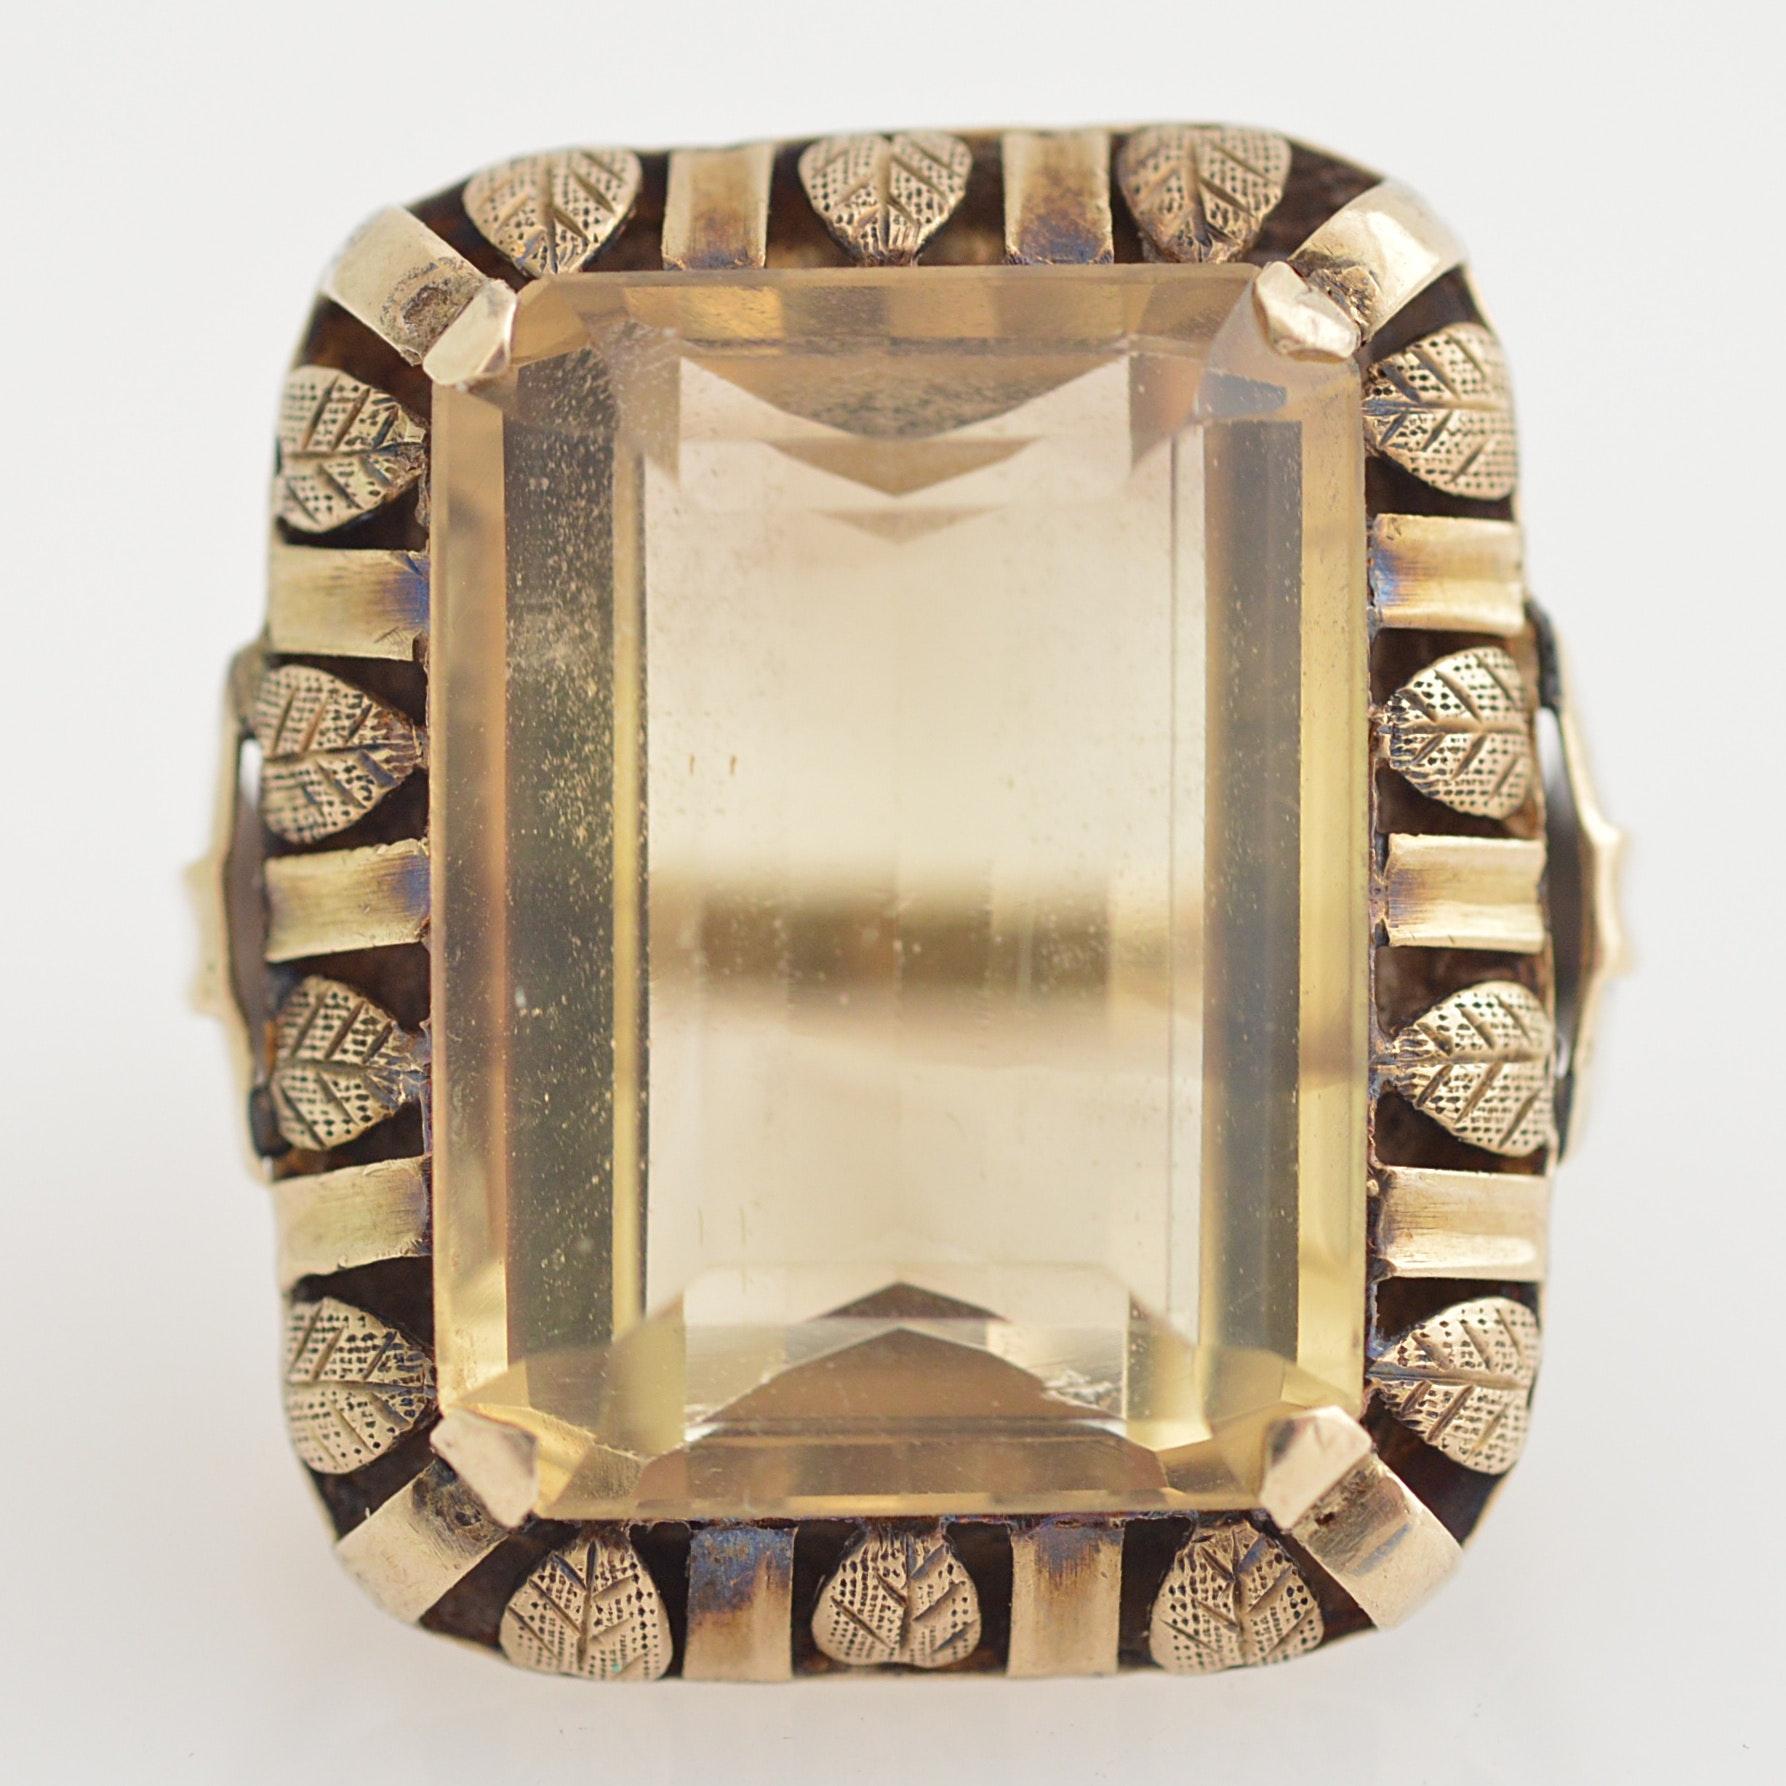 10K White Gold and Citrine Ring